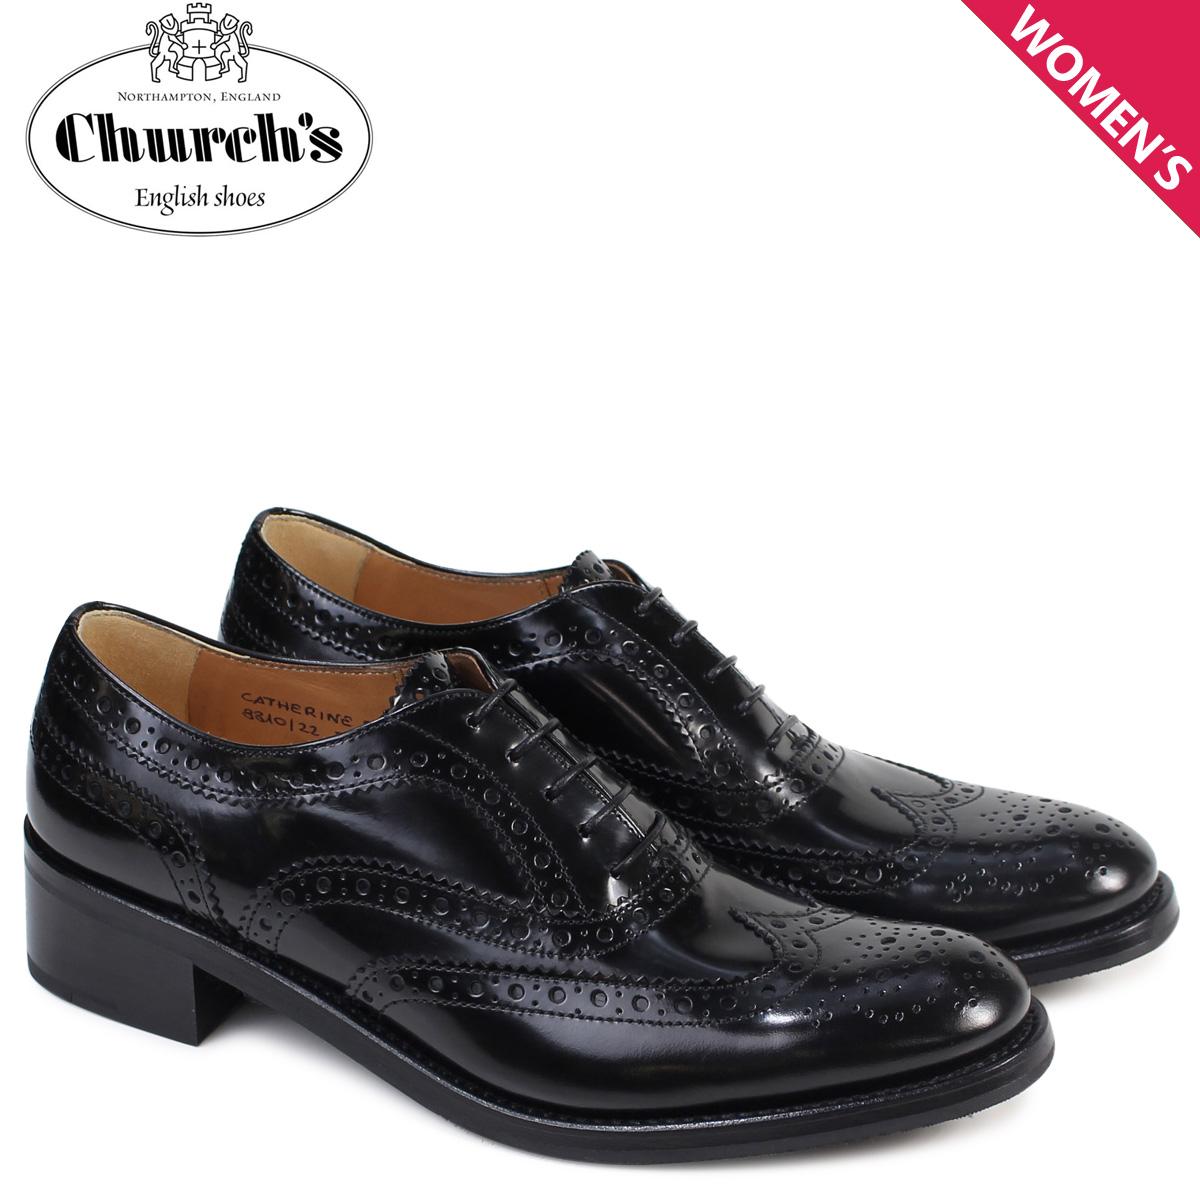 Churchs 靴 レディース チャーチ キャサリン シューズ ウイングチップ Catherine R Polish Binder Calf 8810 DE0003 ヒール ブラック 黒